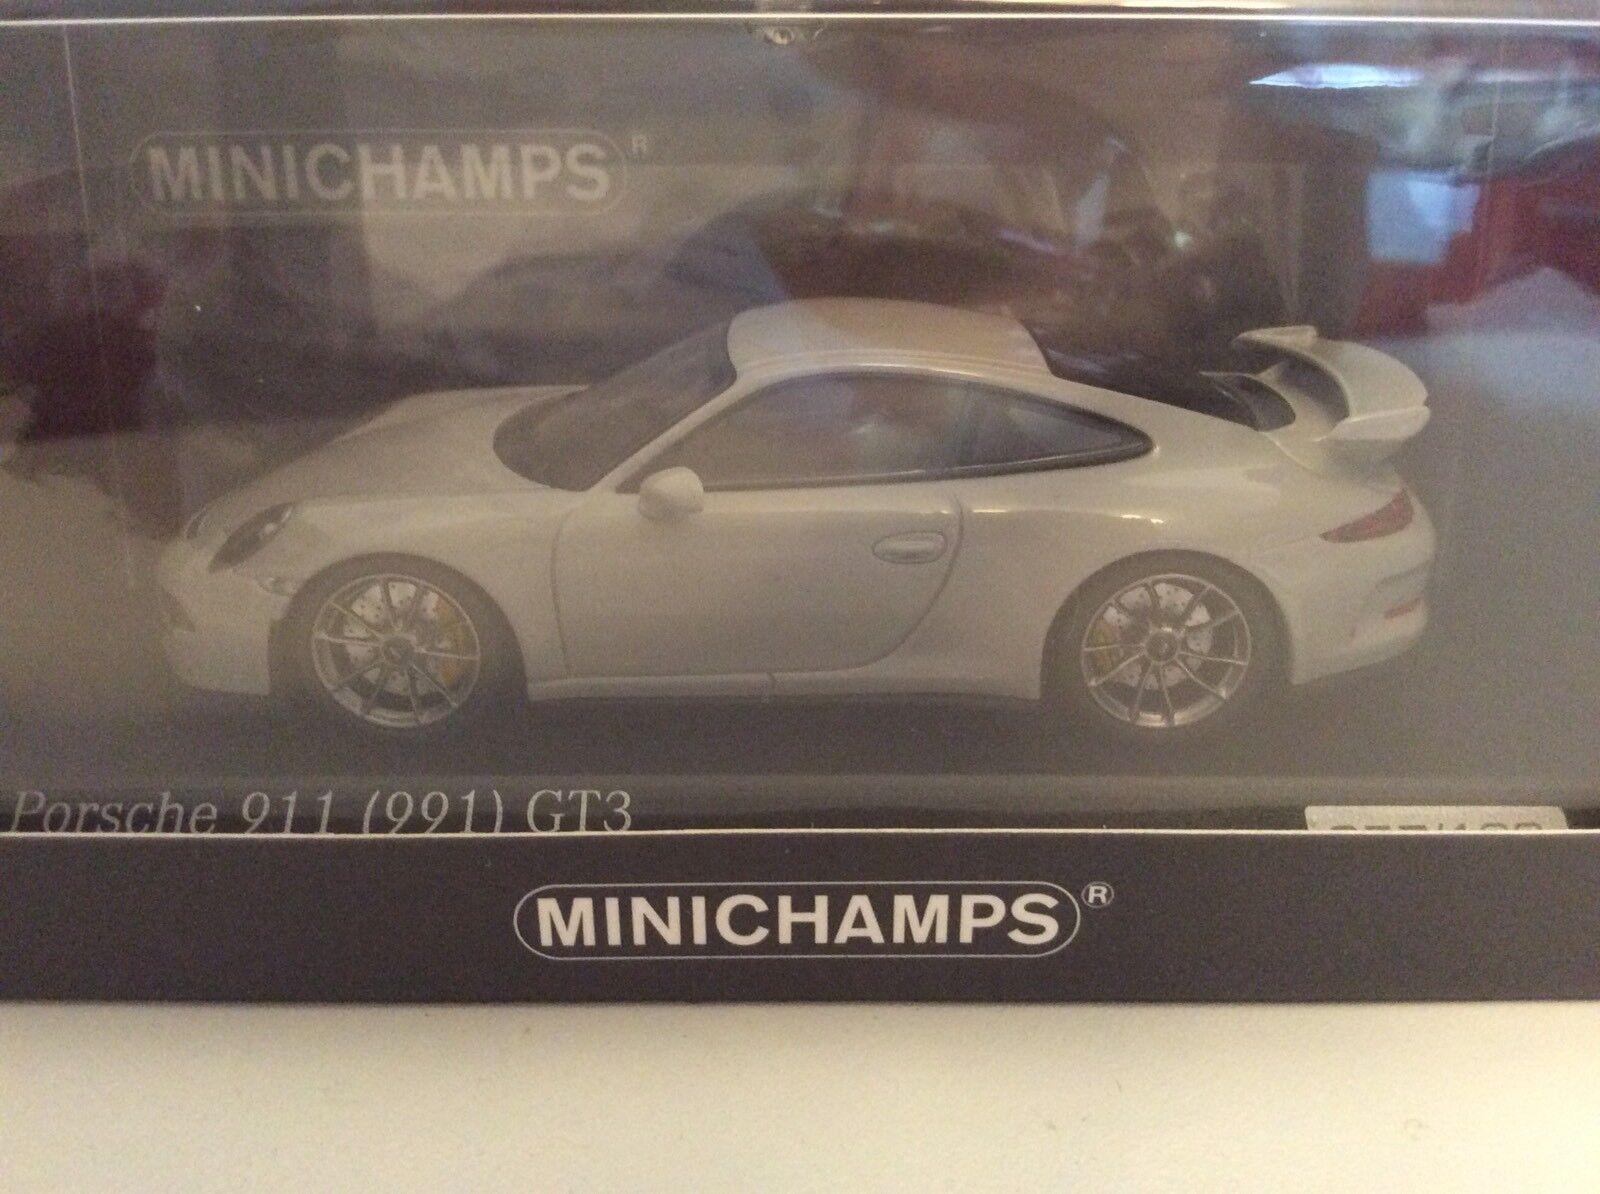 Minichamps  1 43 Porsche 911 991 gt3 mode gris voituretima SeuleHommest 100 Pièces Nouveau neuf dans sa boîte  Envoi gratuit pour toutes les commandes